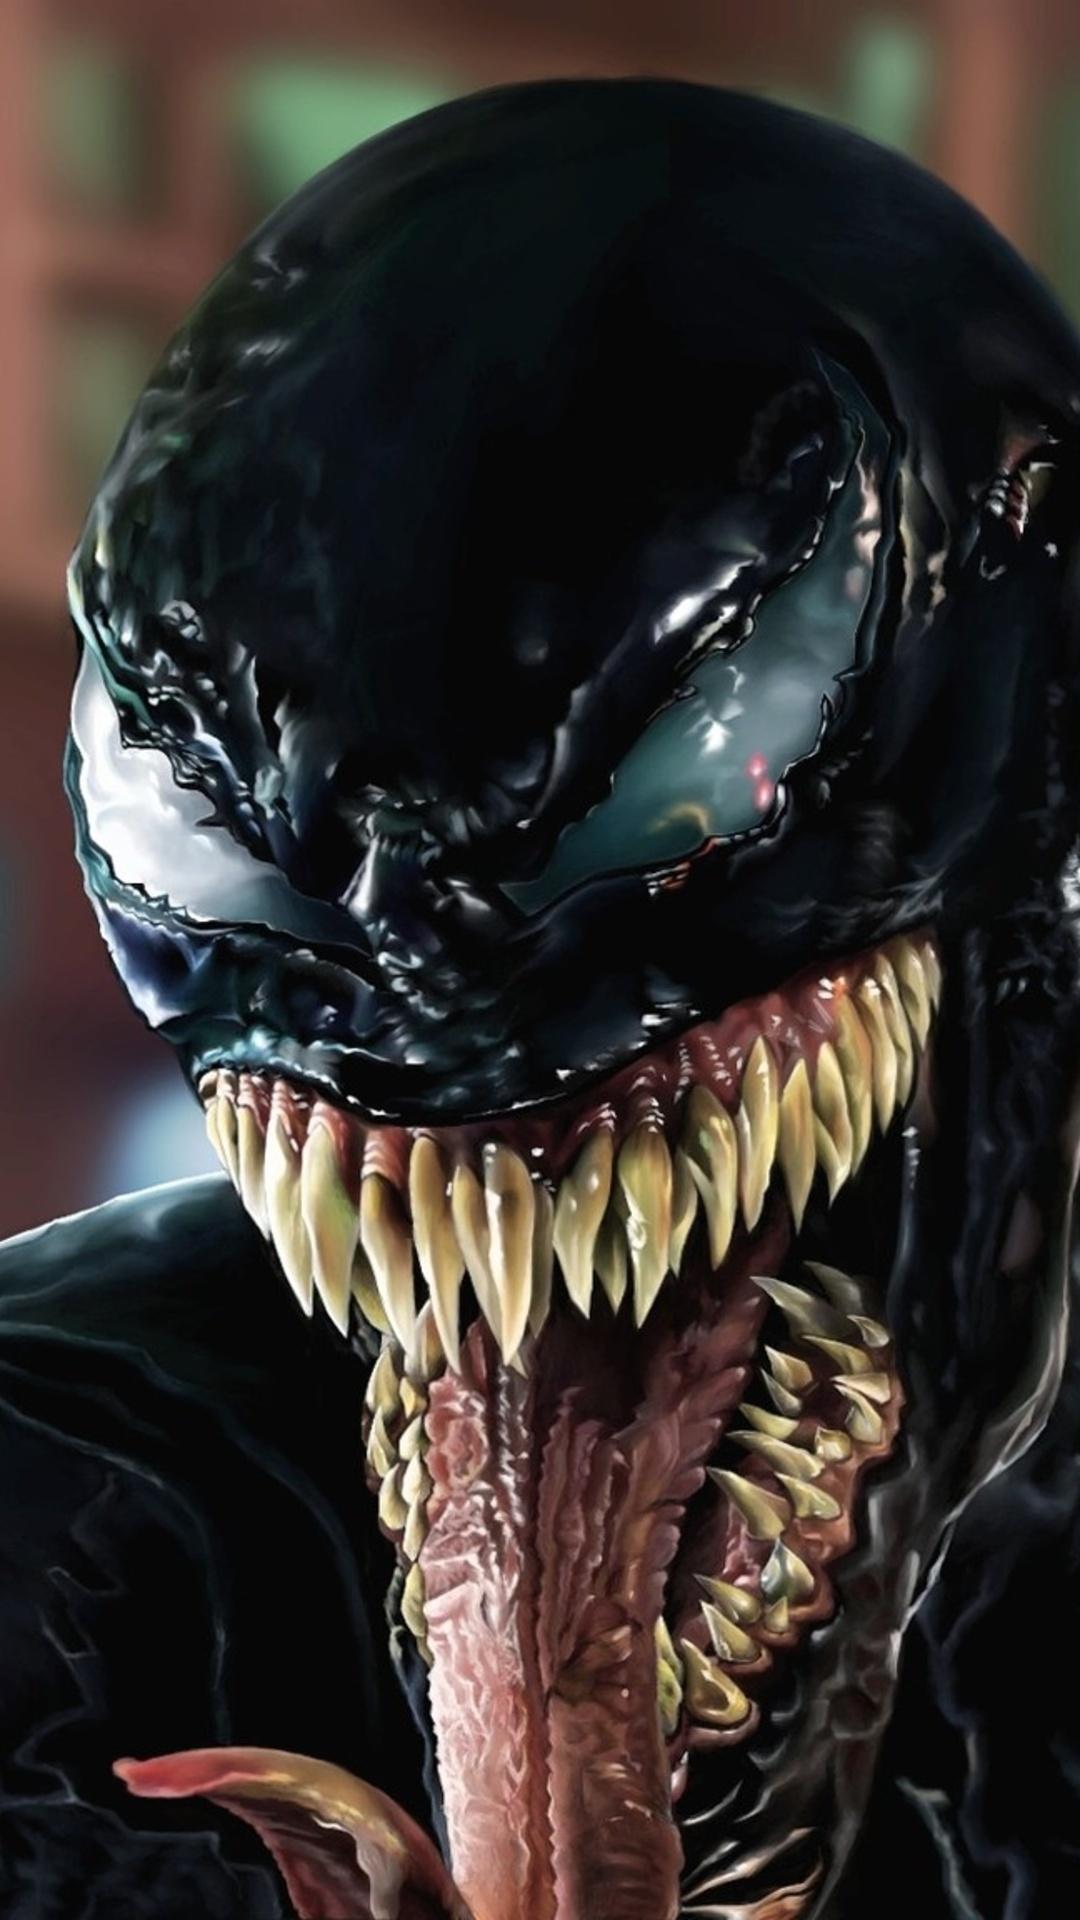 1080x1920 Venom Face Closeup Artwork Iphone 7,6s,6 Plus ...